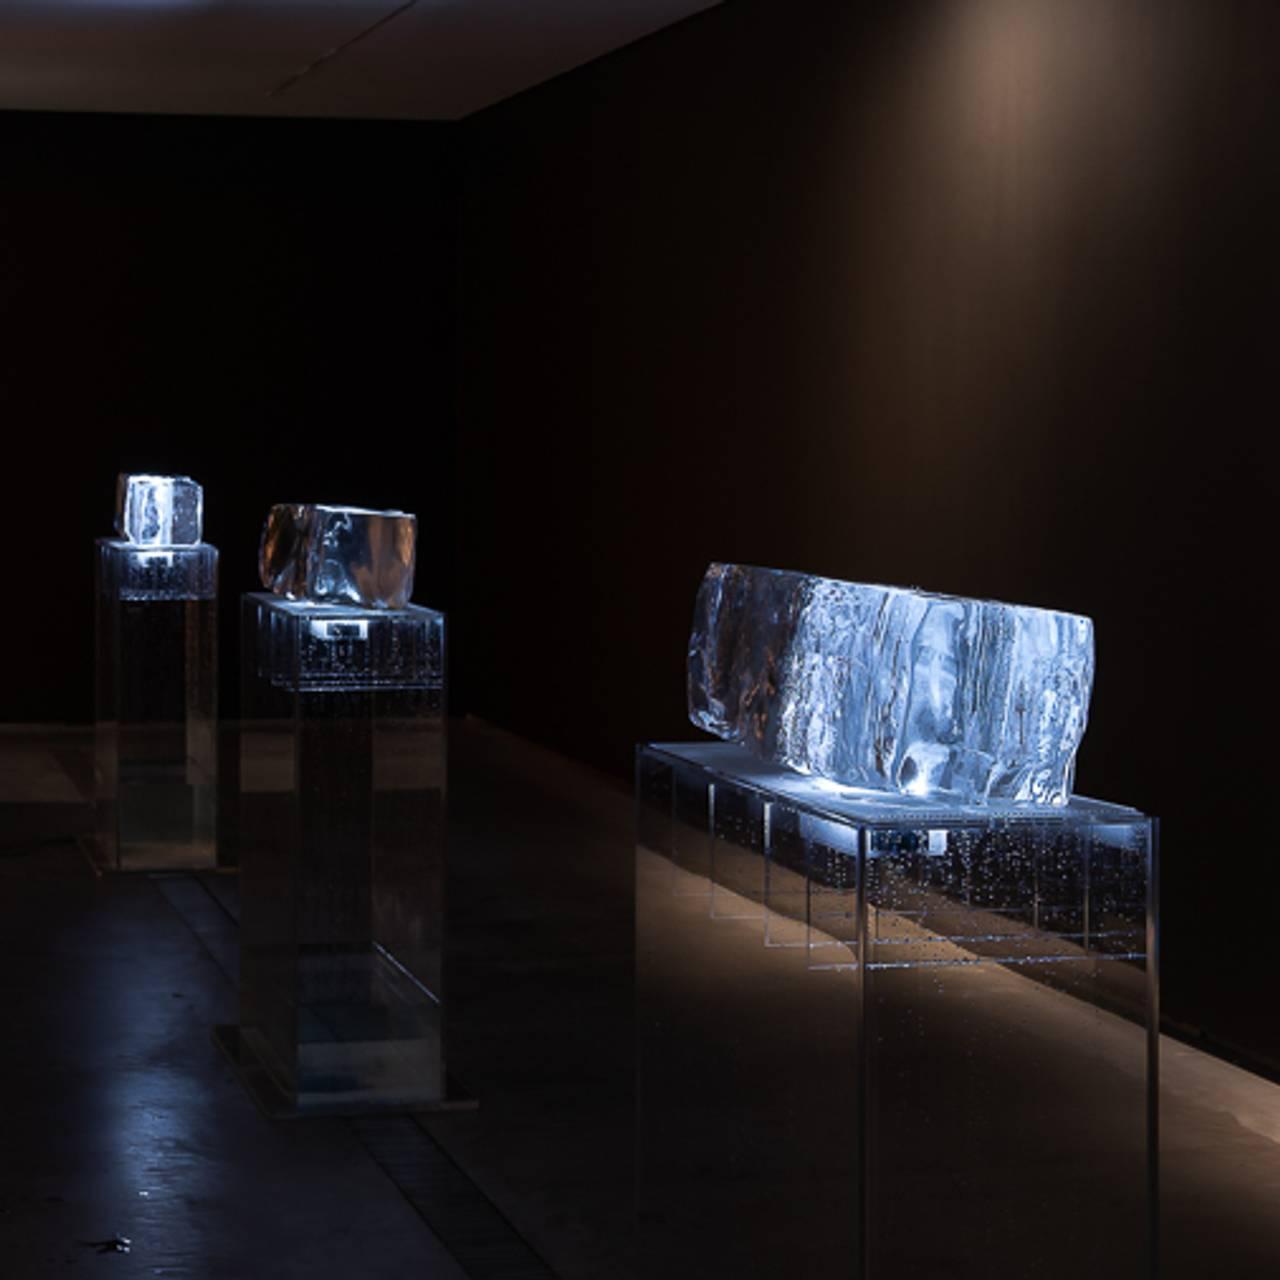 Fra utstillingen «RE________» av Sissel Tolaas på Astrup Fearnley Museet